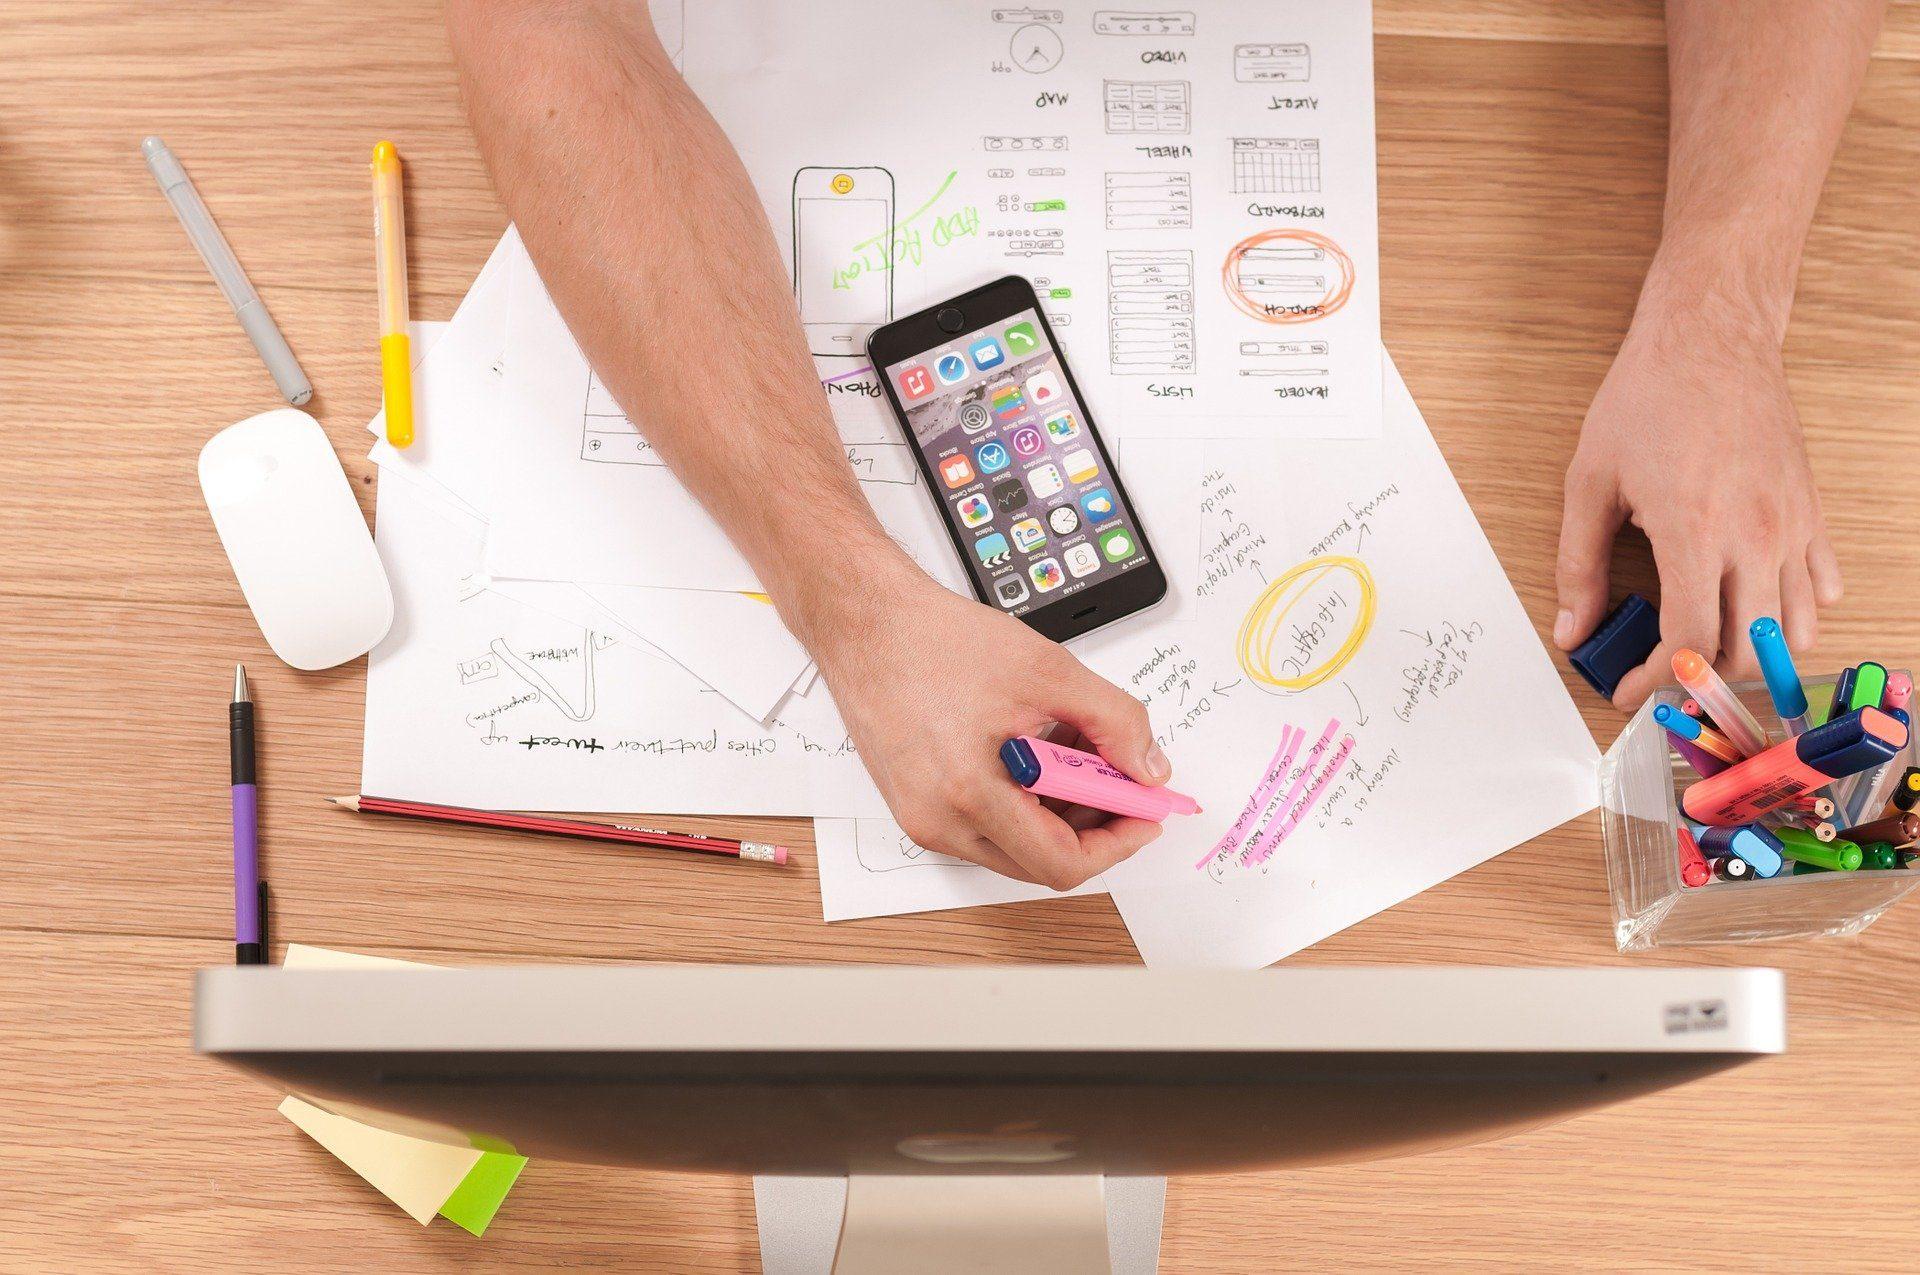 designer UX fazendo um rascunho do seu produto no papel, estando em frente o computador